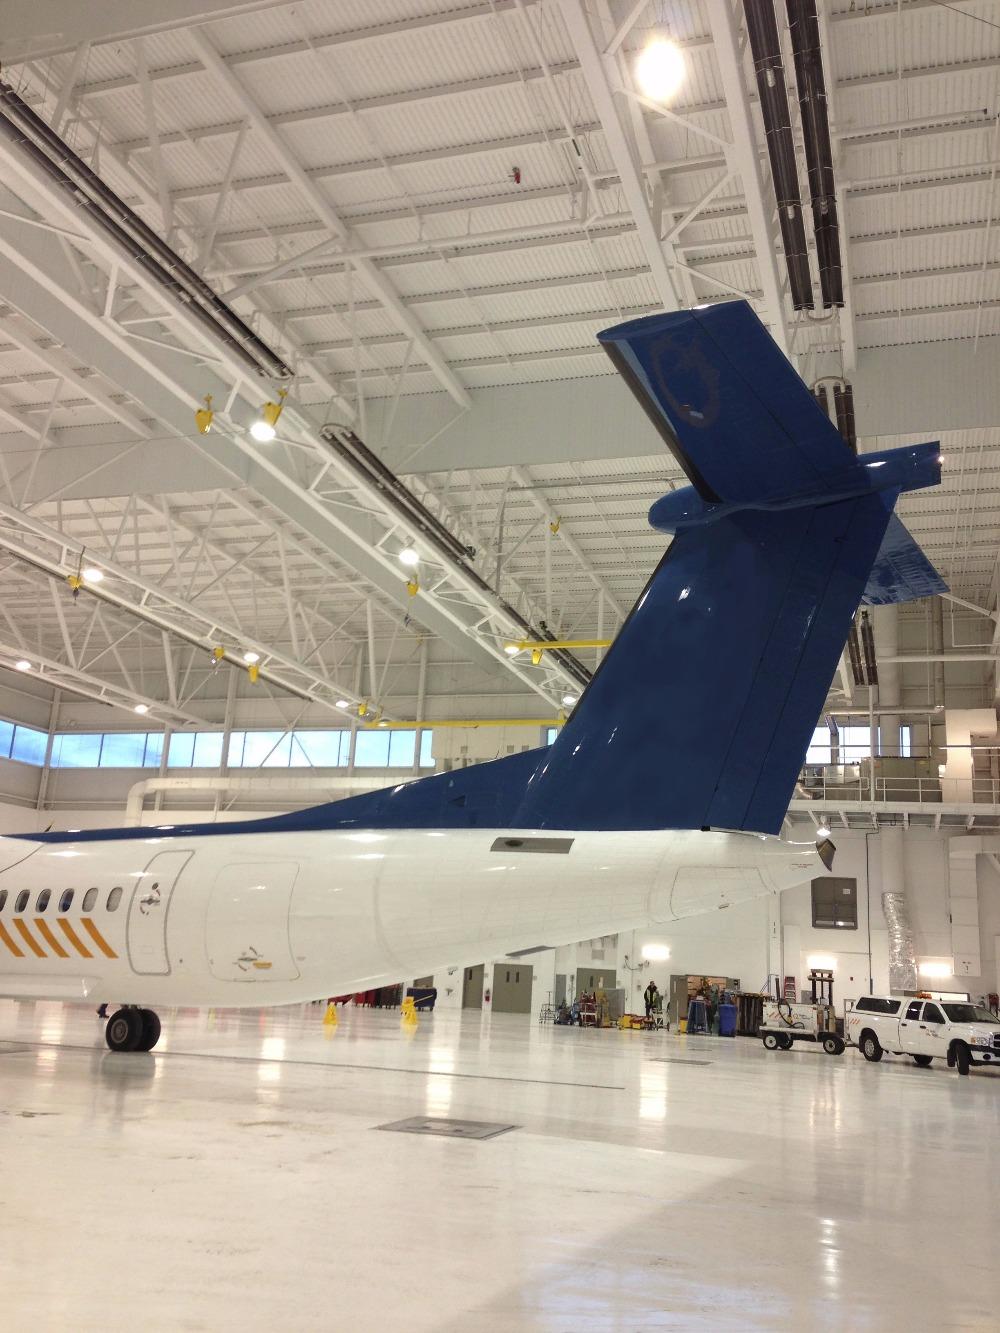 Heating Aircraft Hangars